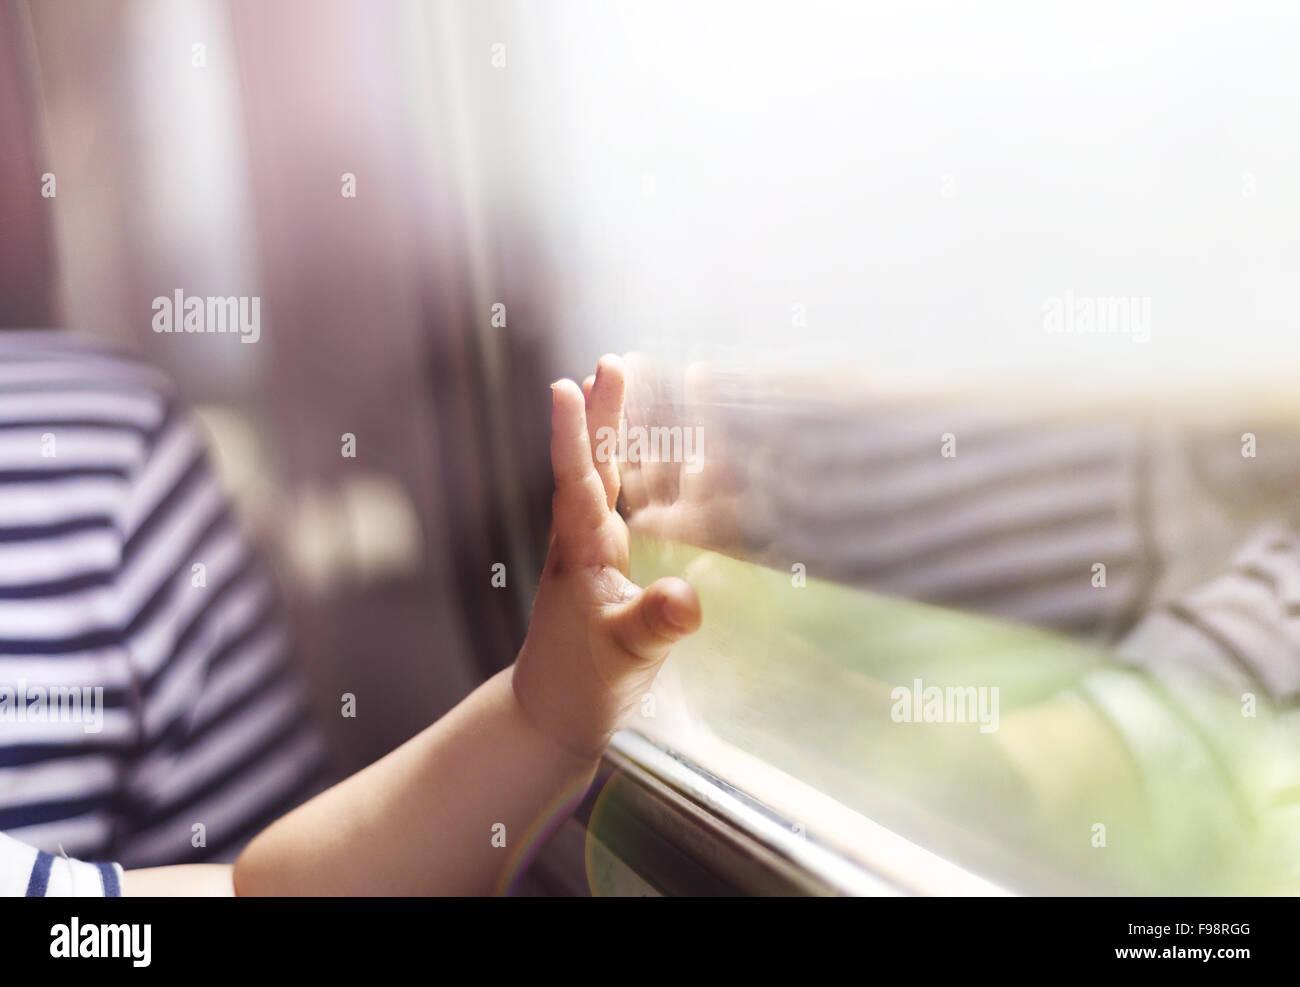 Garçon voyageant en train rétro. Il est en contact avec la fenêtre. Photo Stock